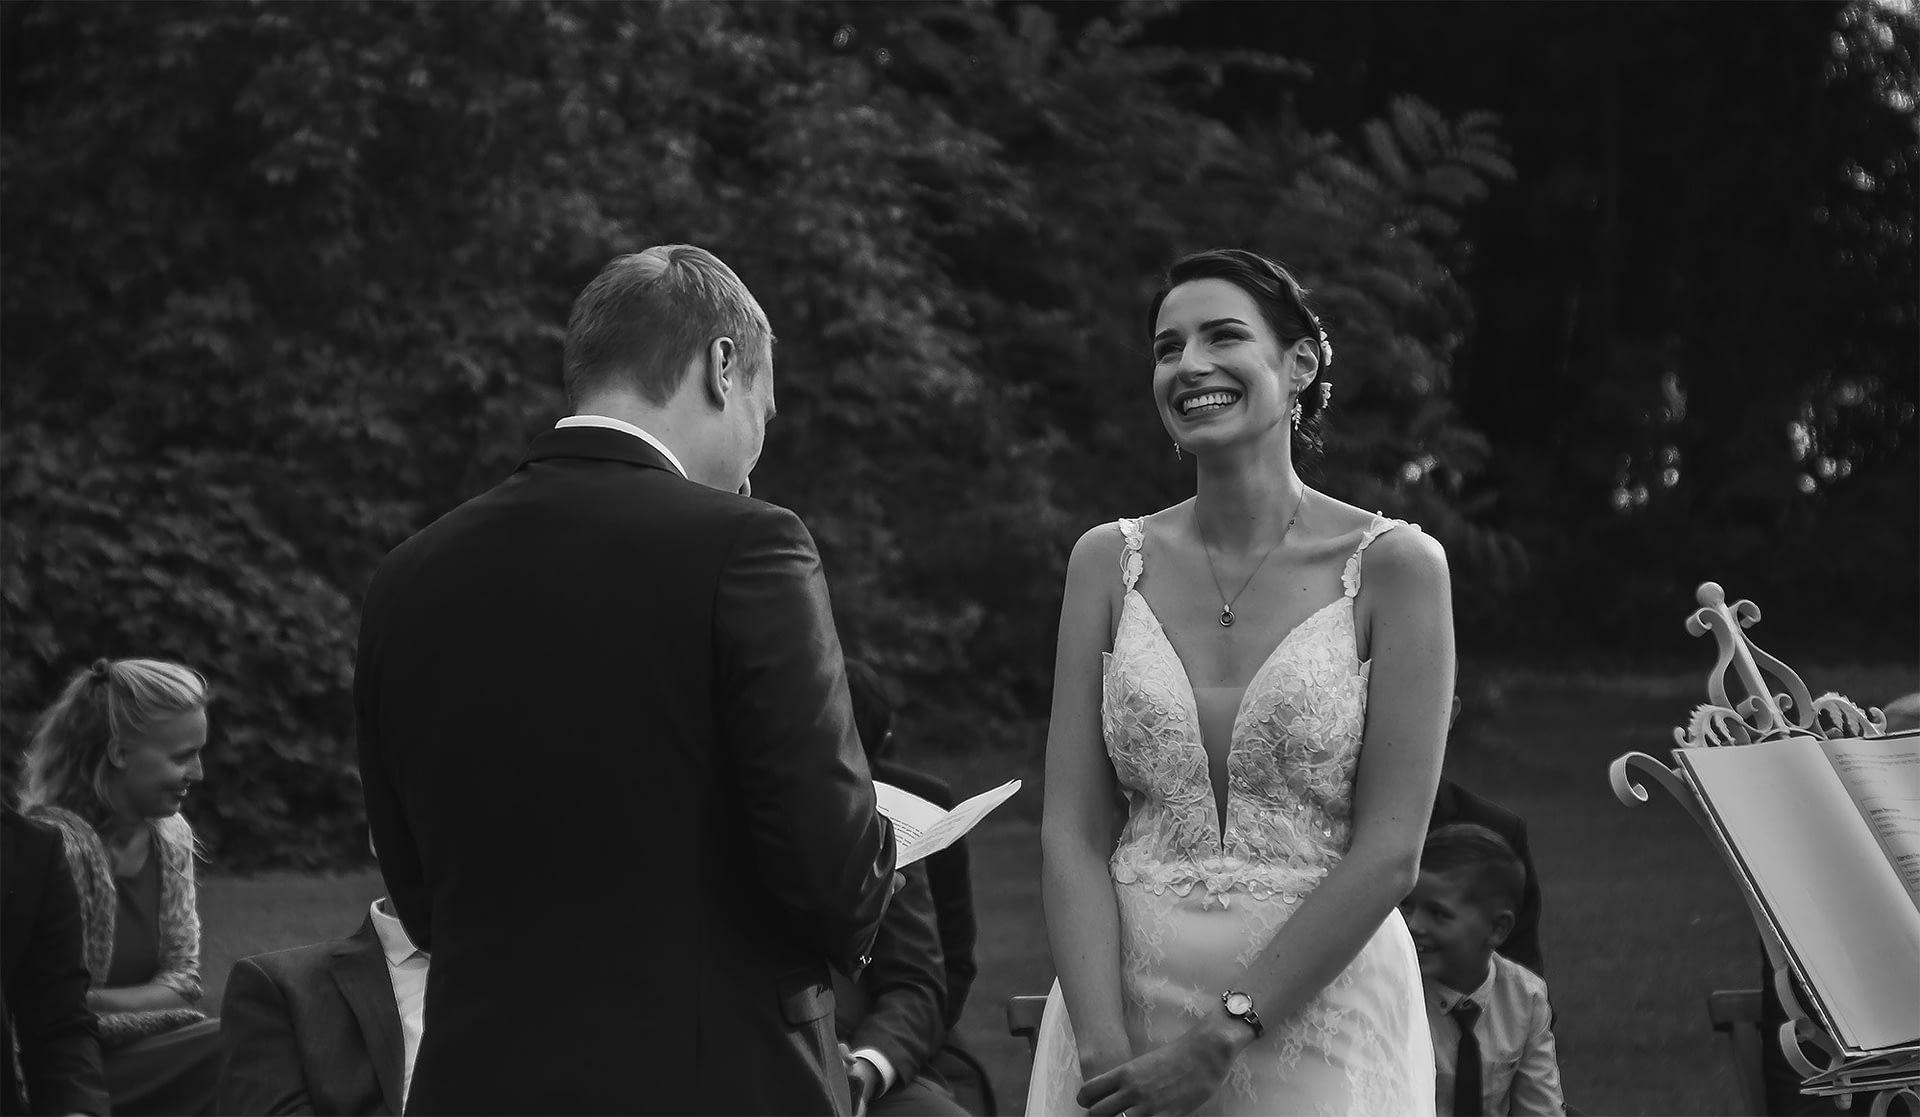 Hochzeitsfotograf Berlin Potsdam Brandenburg - Hochzeitsreportage - Freie Trauung - Bad Saarow - Freilich am See